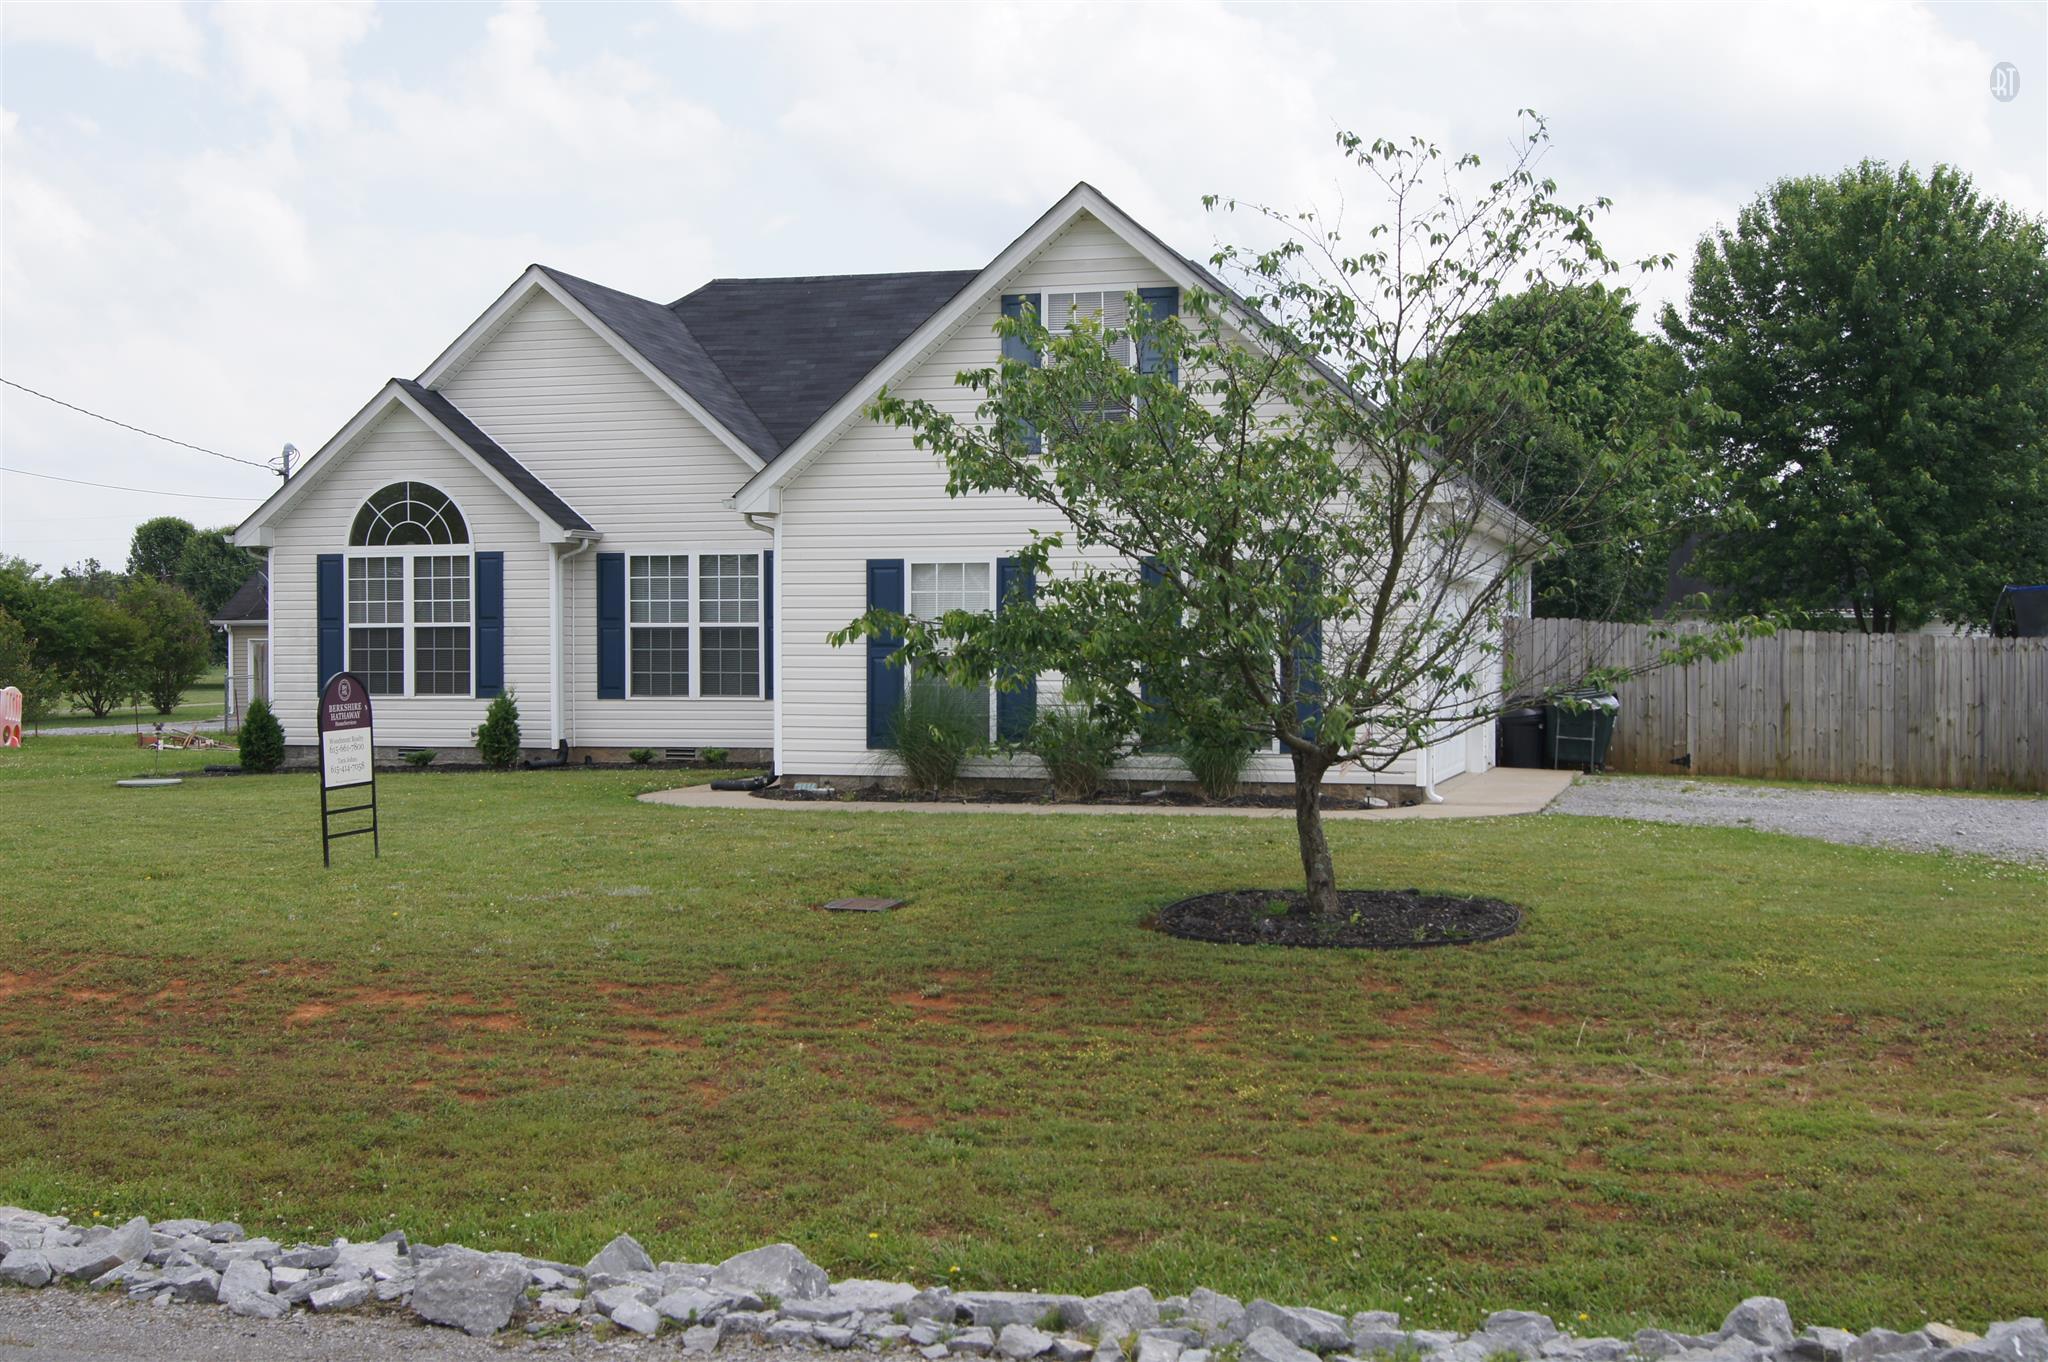 7116 Lone Eagle Dr, Murfreesboro, TN 37128